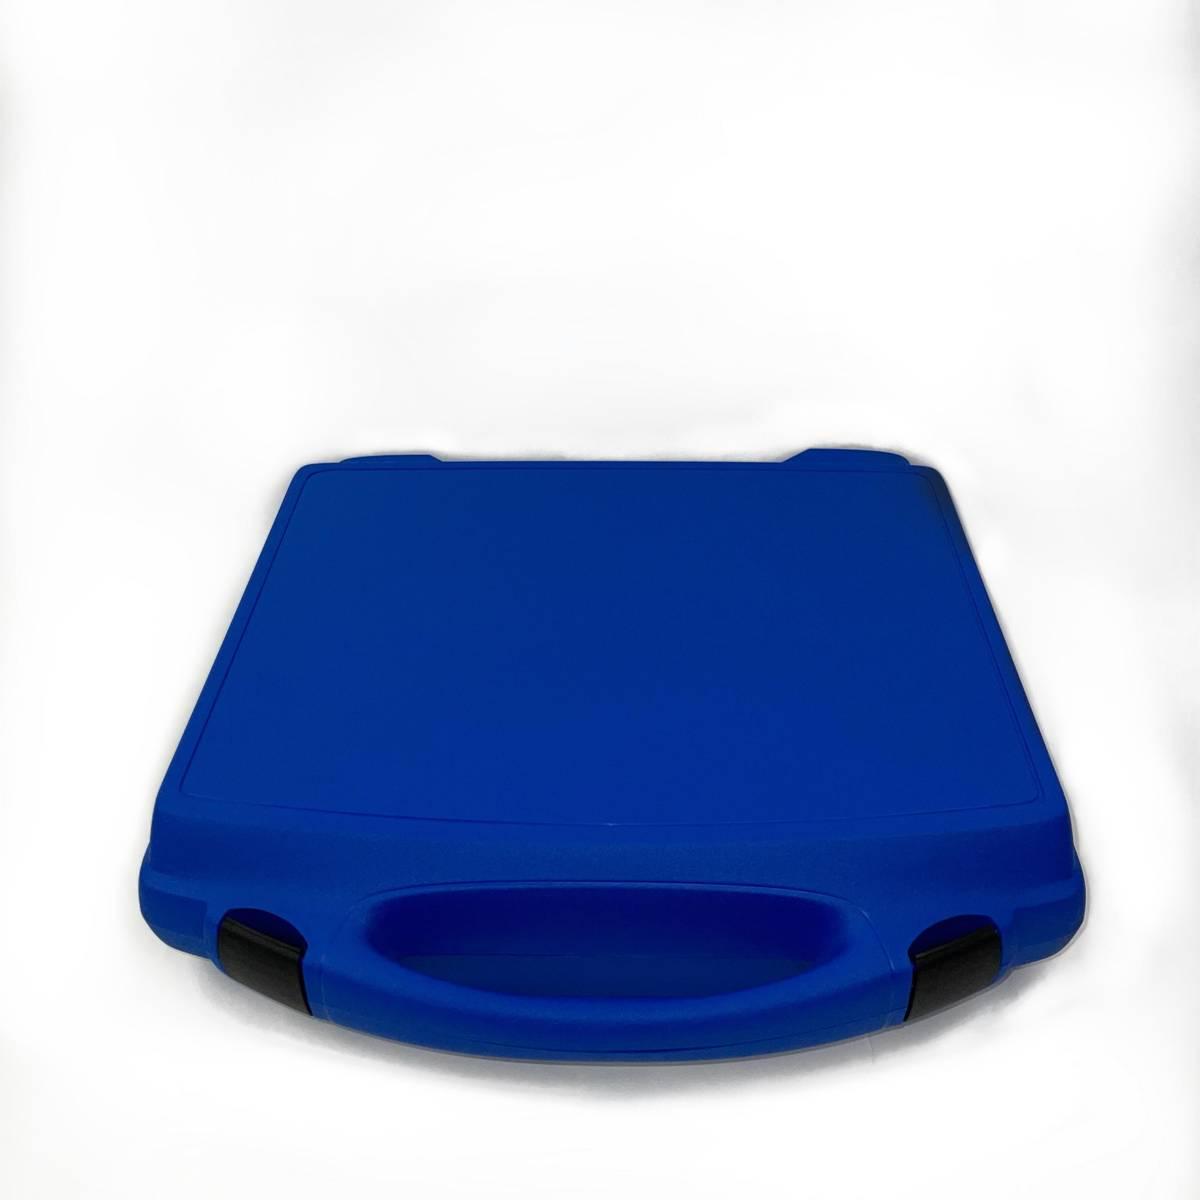 Xtrabag 300 (blå)